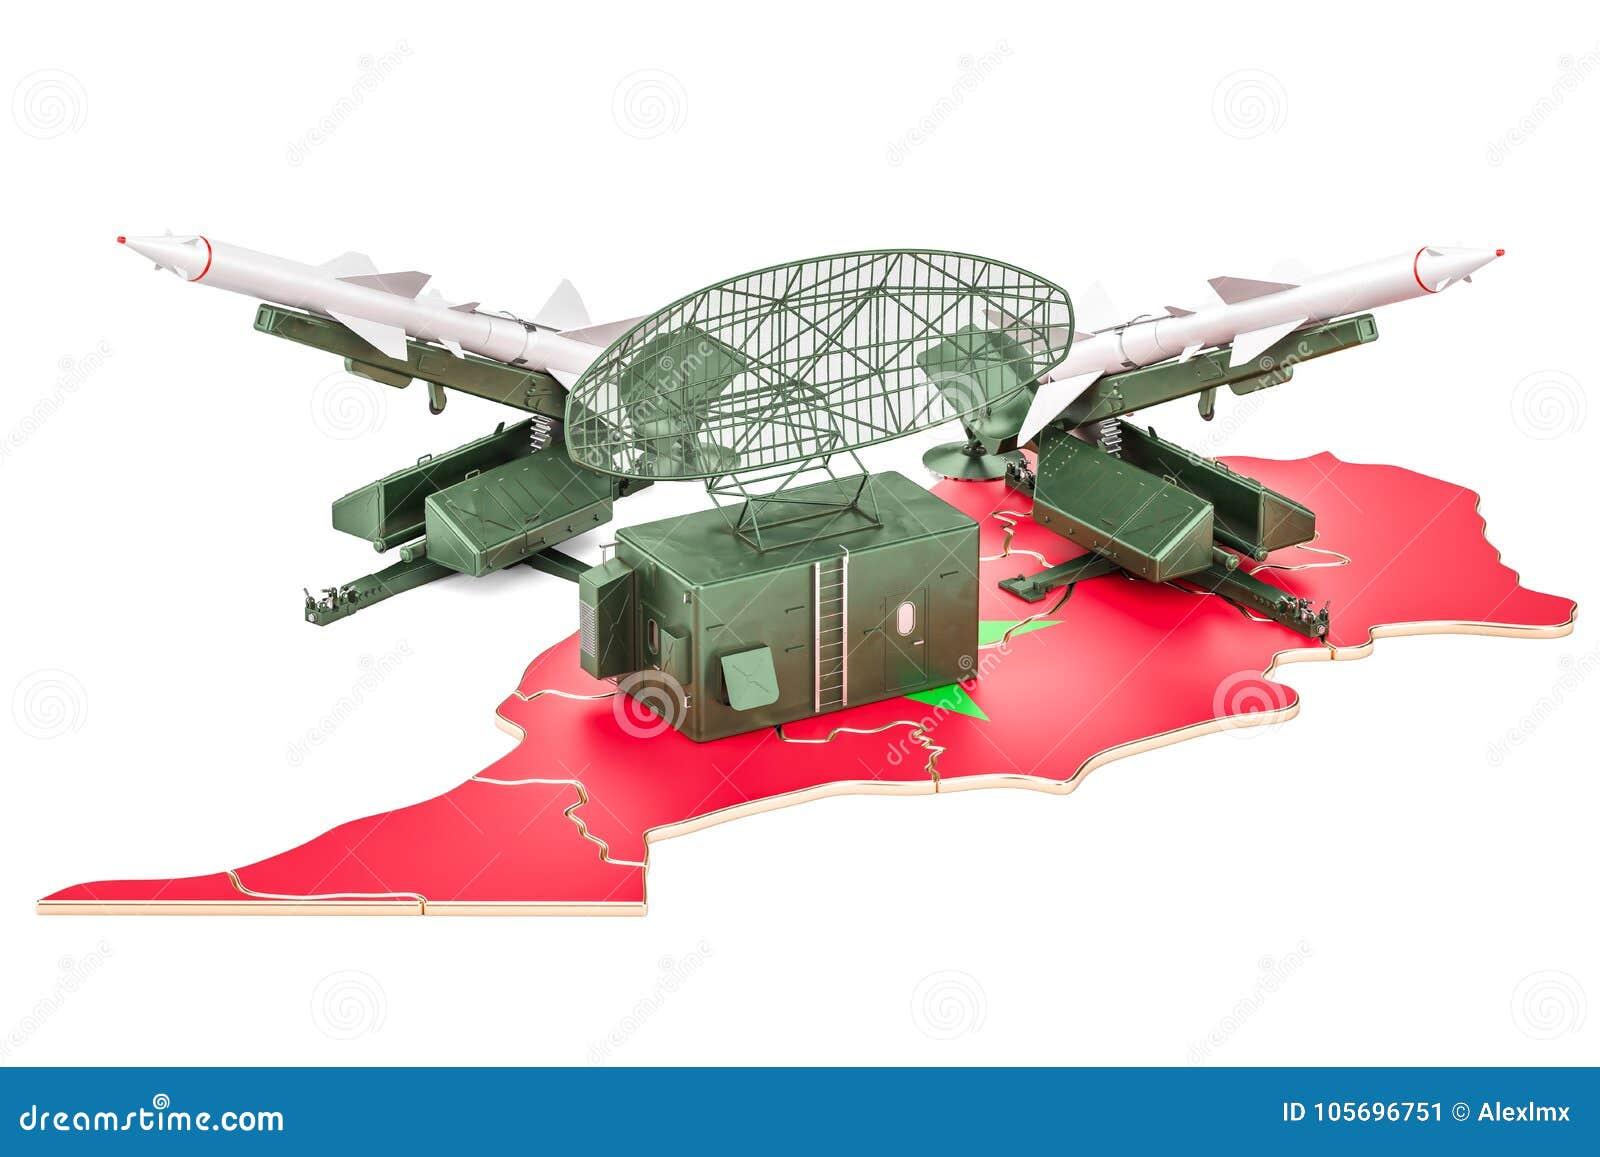 摩洛哥导弹防御系统概念, 3D翻译